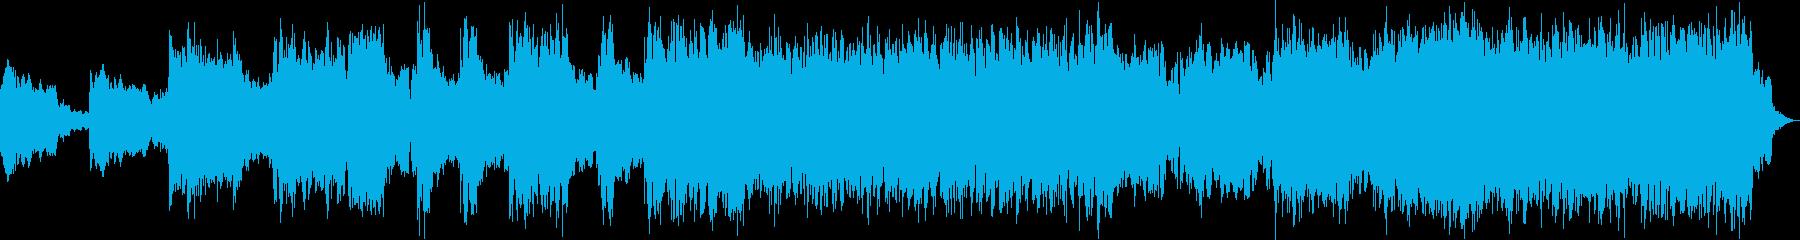 テクノ系アクションかっこいい系の再生済みの波形